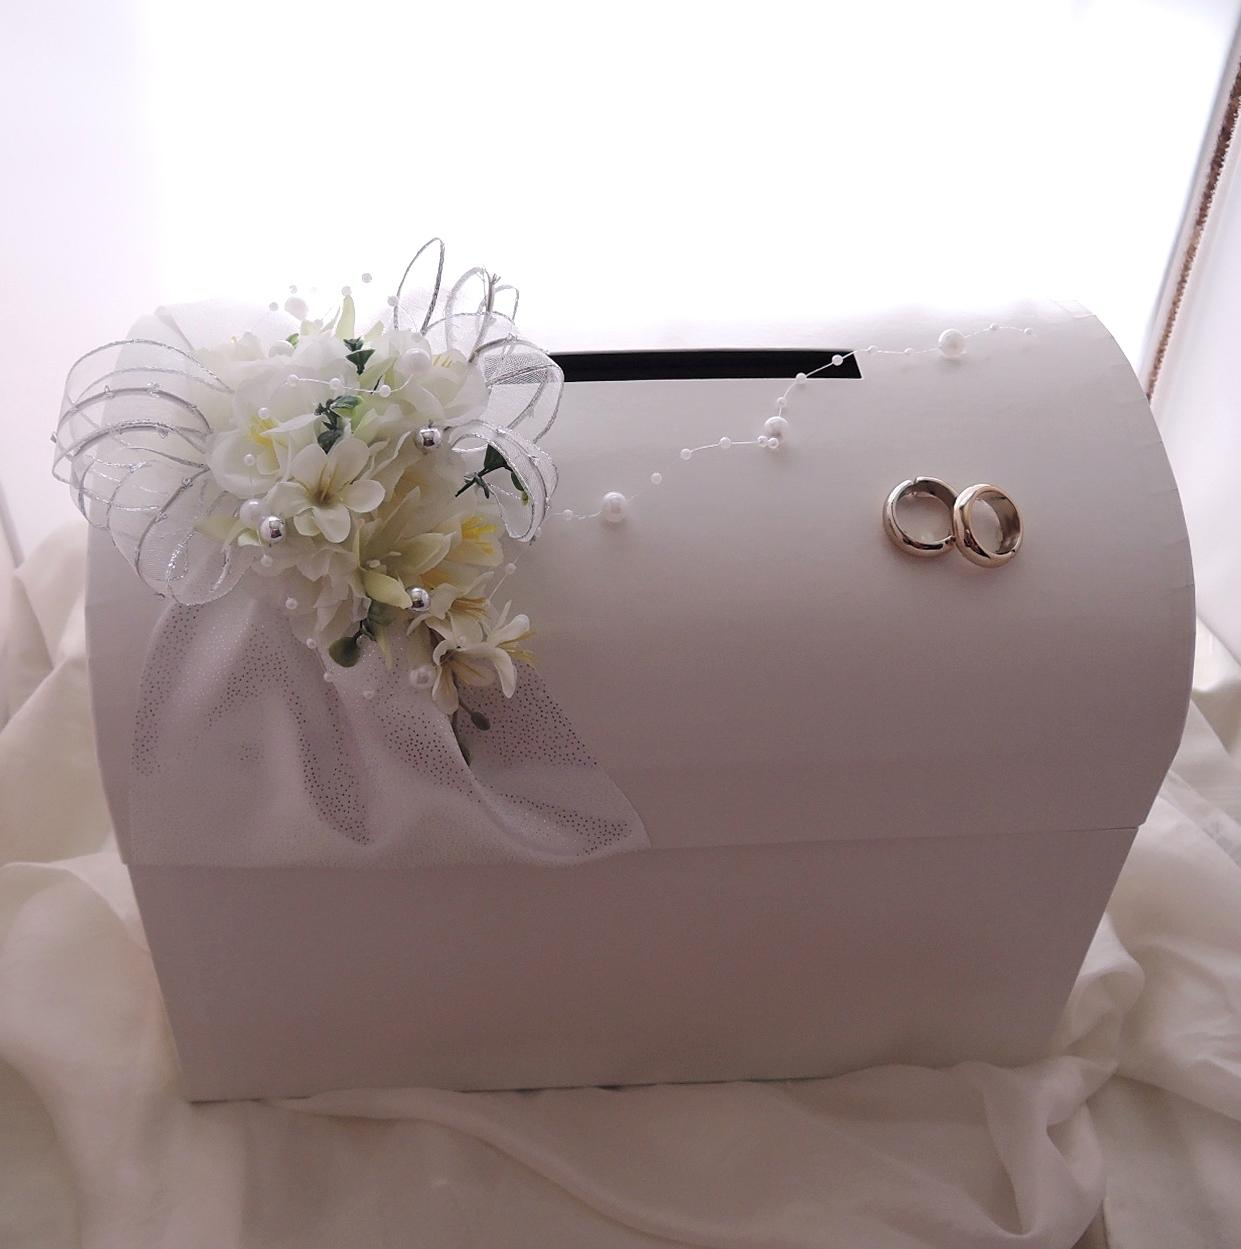 svatební pokladnička velká - stříbrná  pouze půjčení - Obrázek č. 3